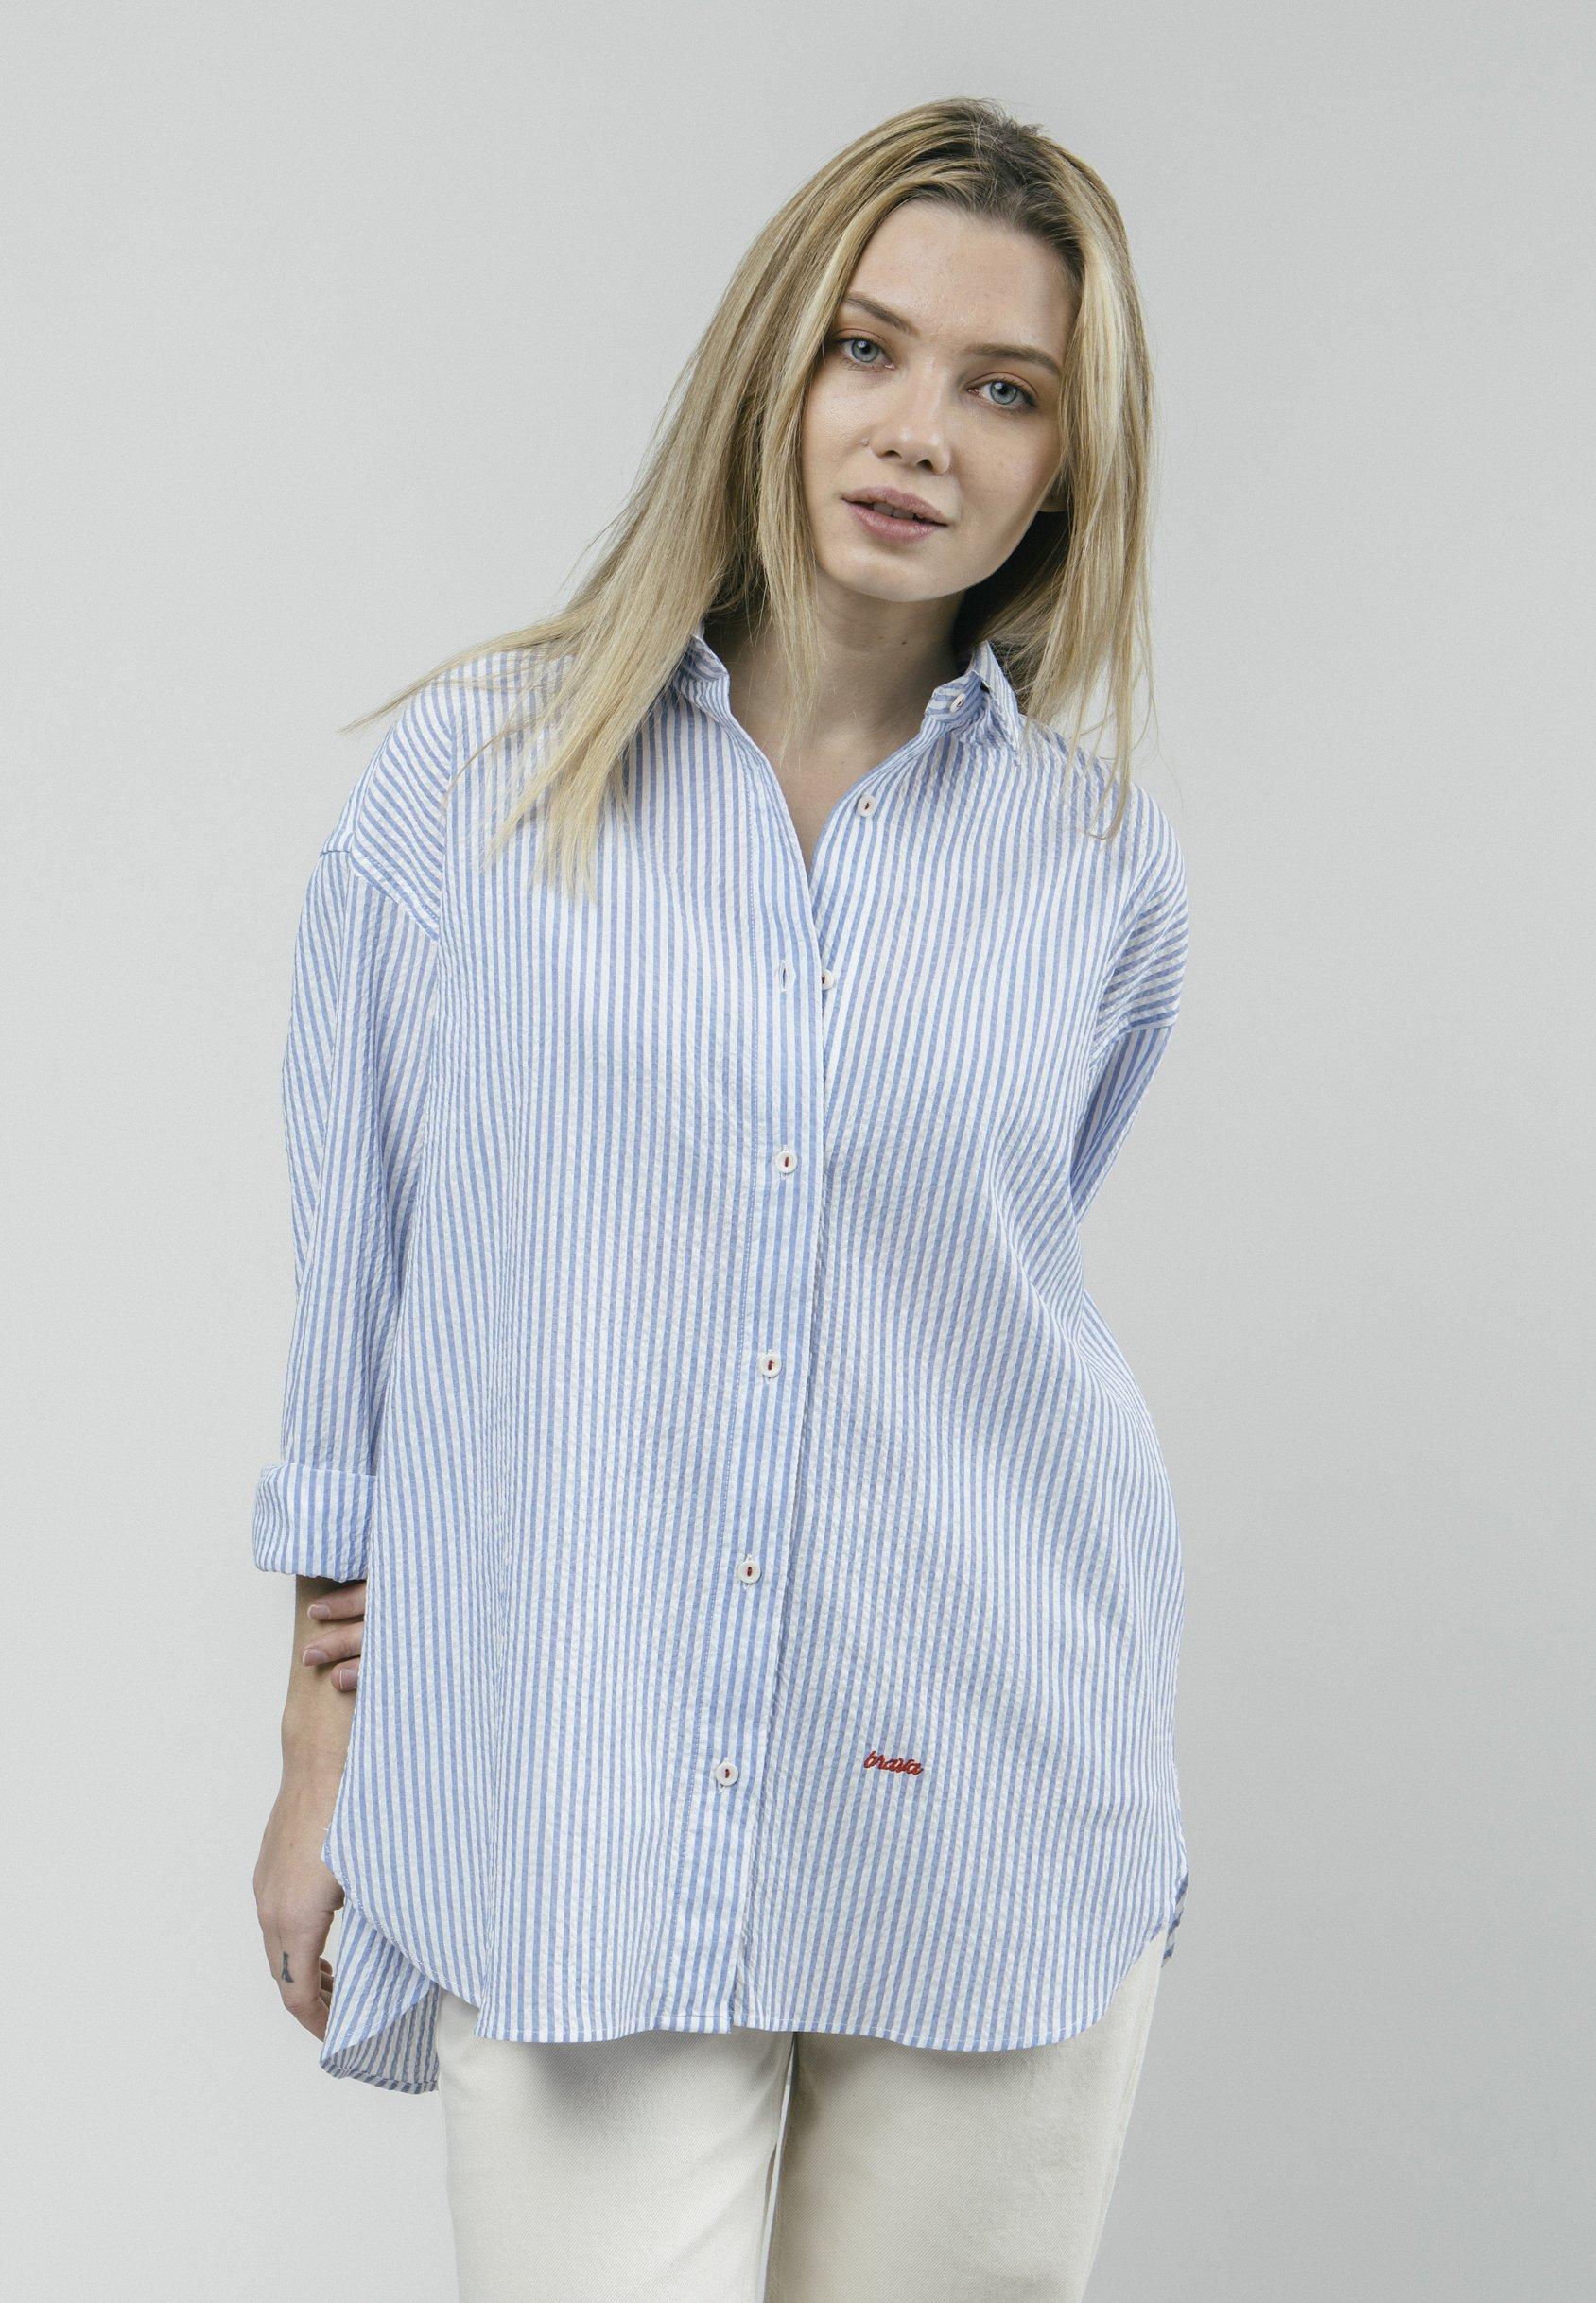 Fashion Style Factory Outlet Women's Clothing Brava Fabrics SAKURAYA TEA Button-down blouse blue 4cLXVxUE0 vdzEkQbUS